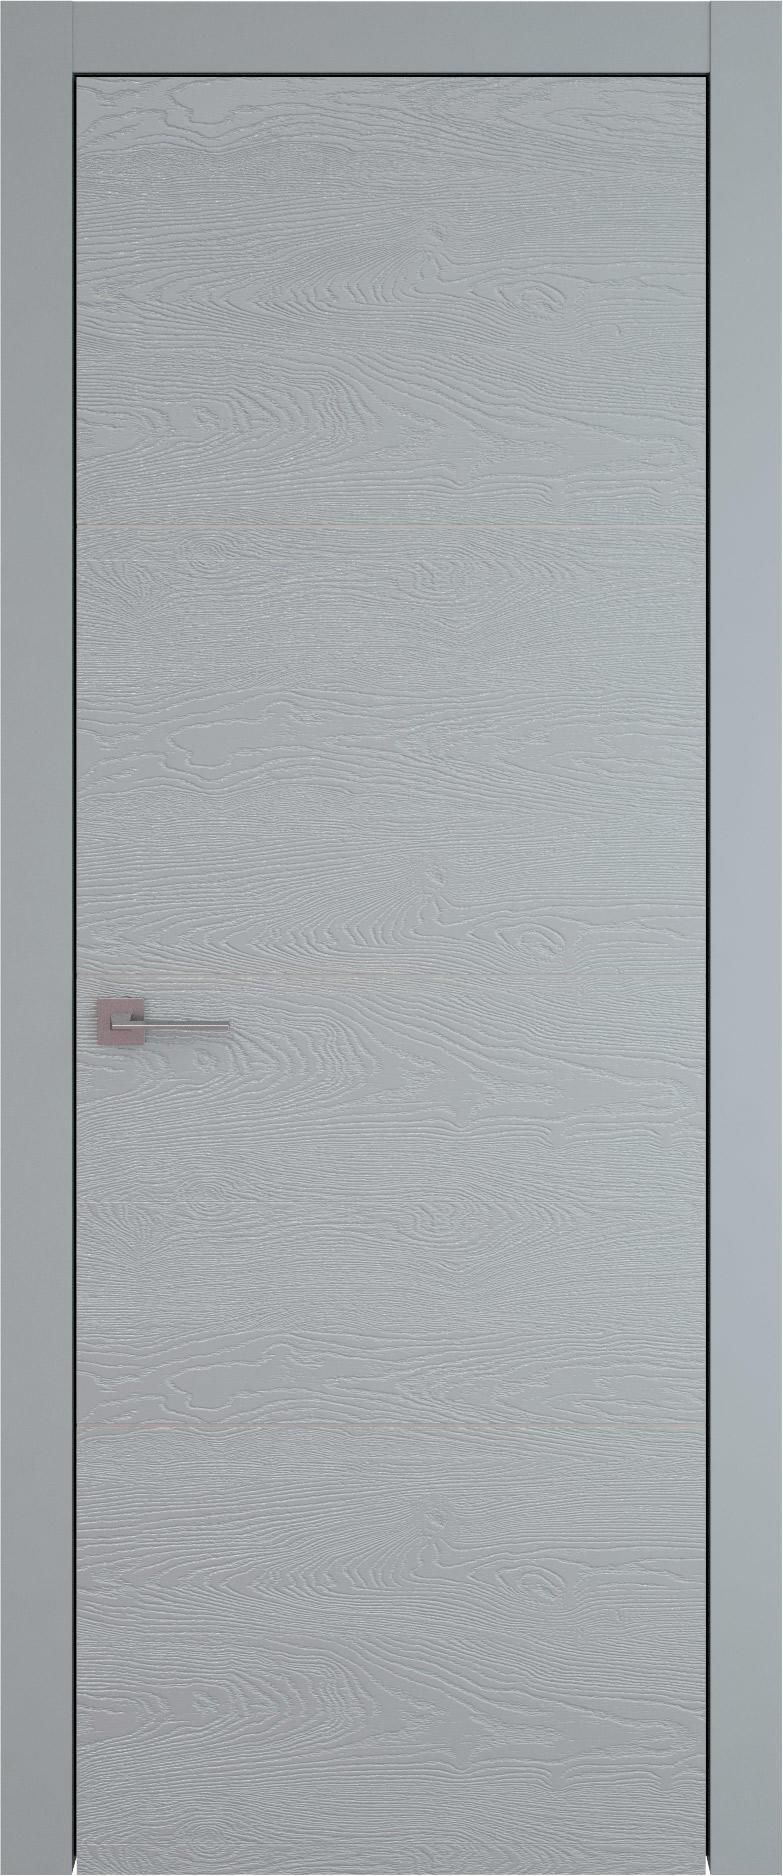 Tivoli Г-3 цвет - Серебристо-серая эмаль по шпону (RAL 7045) Без стекла (ДГ)